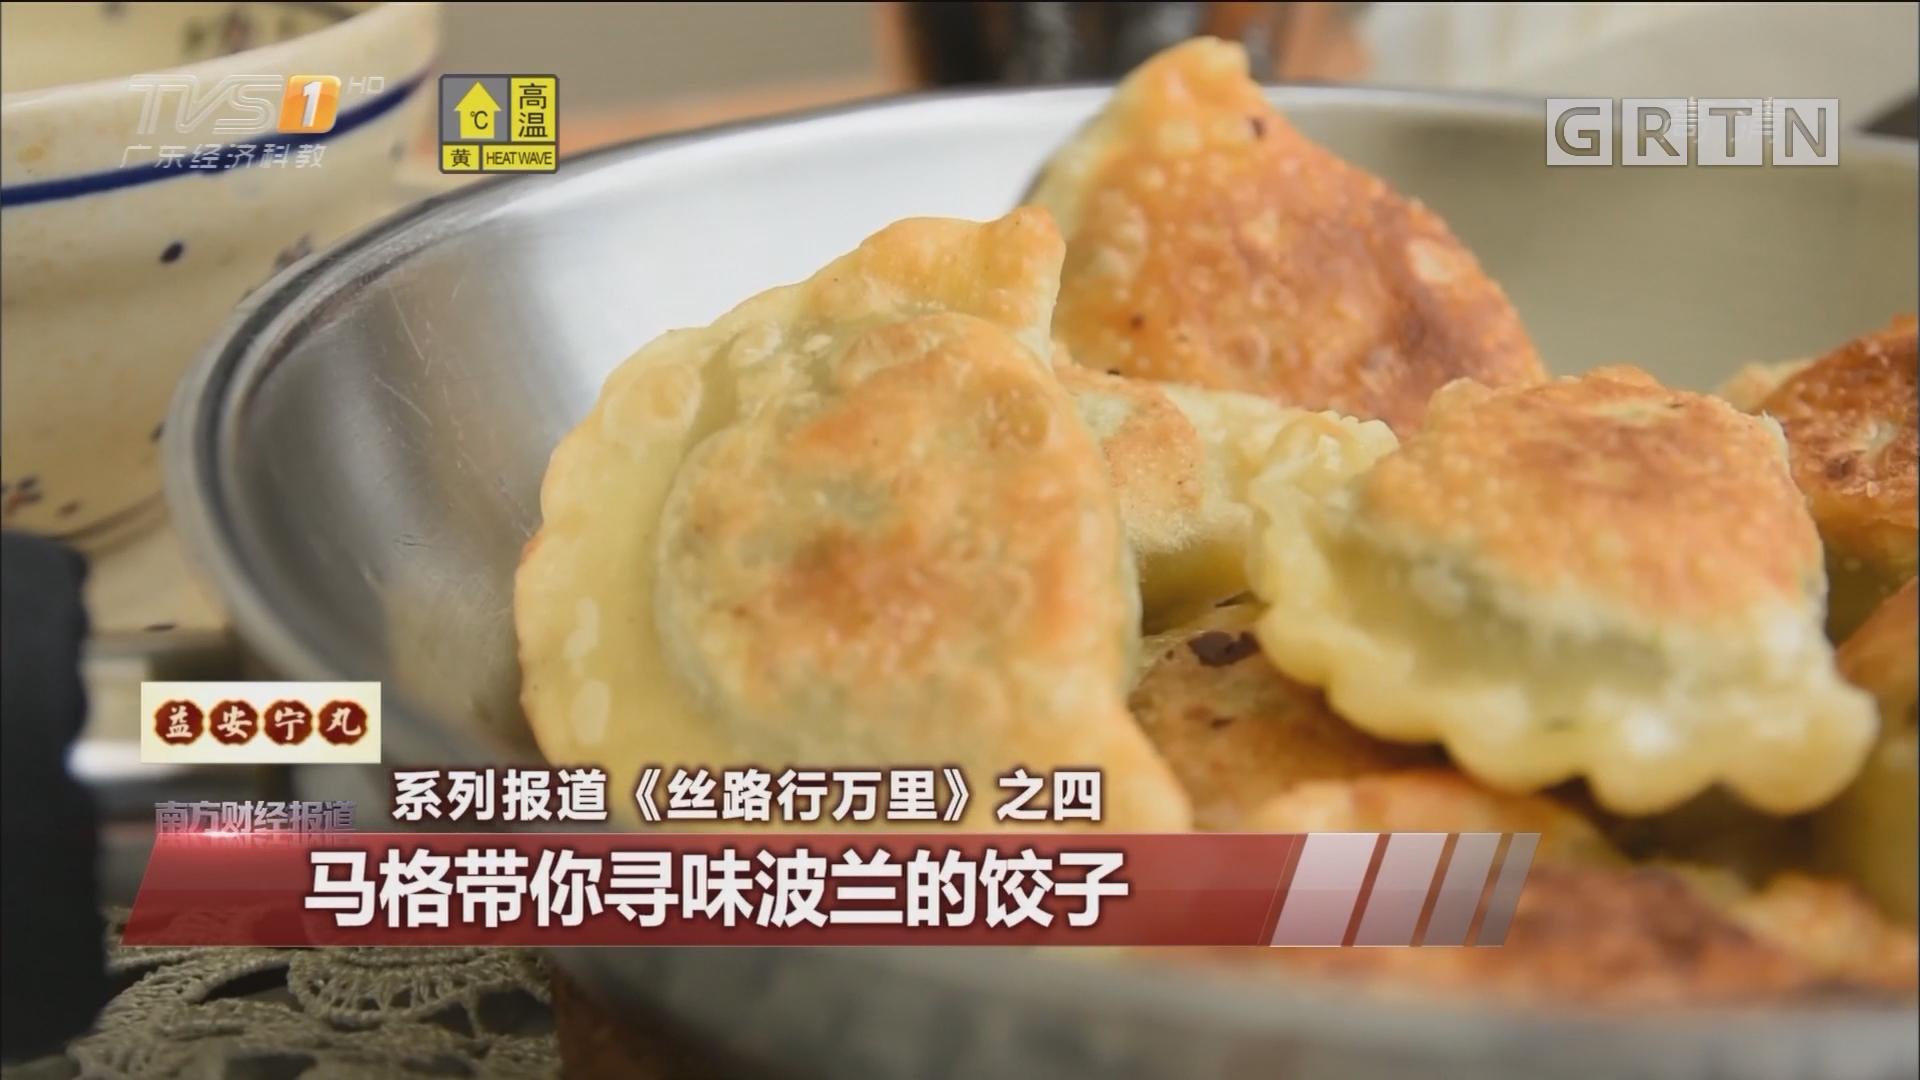 系列报道《丝路行万里》之四:马格带你寻味波兰的饺子